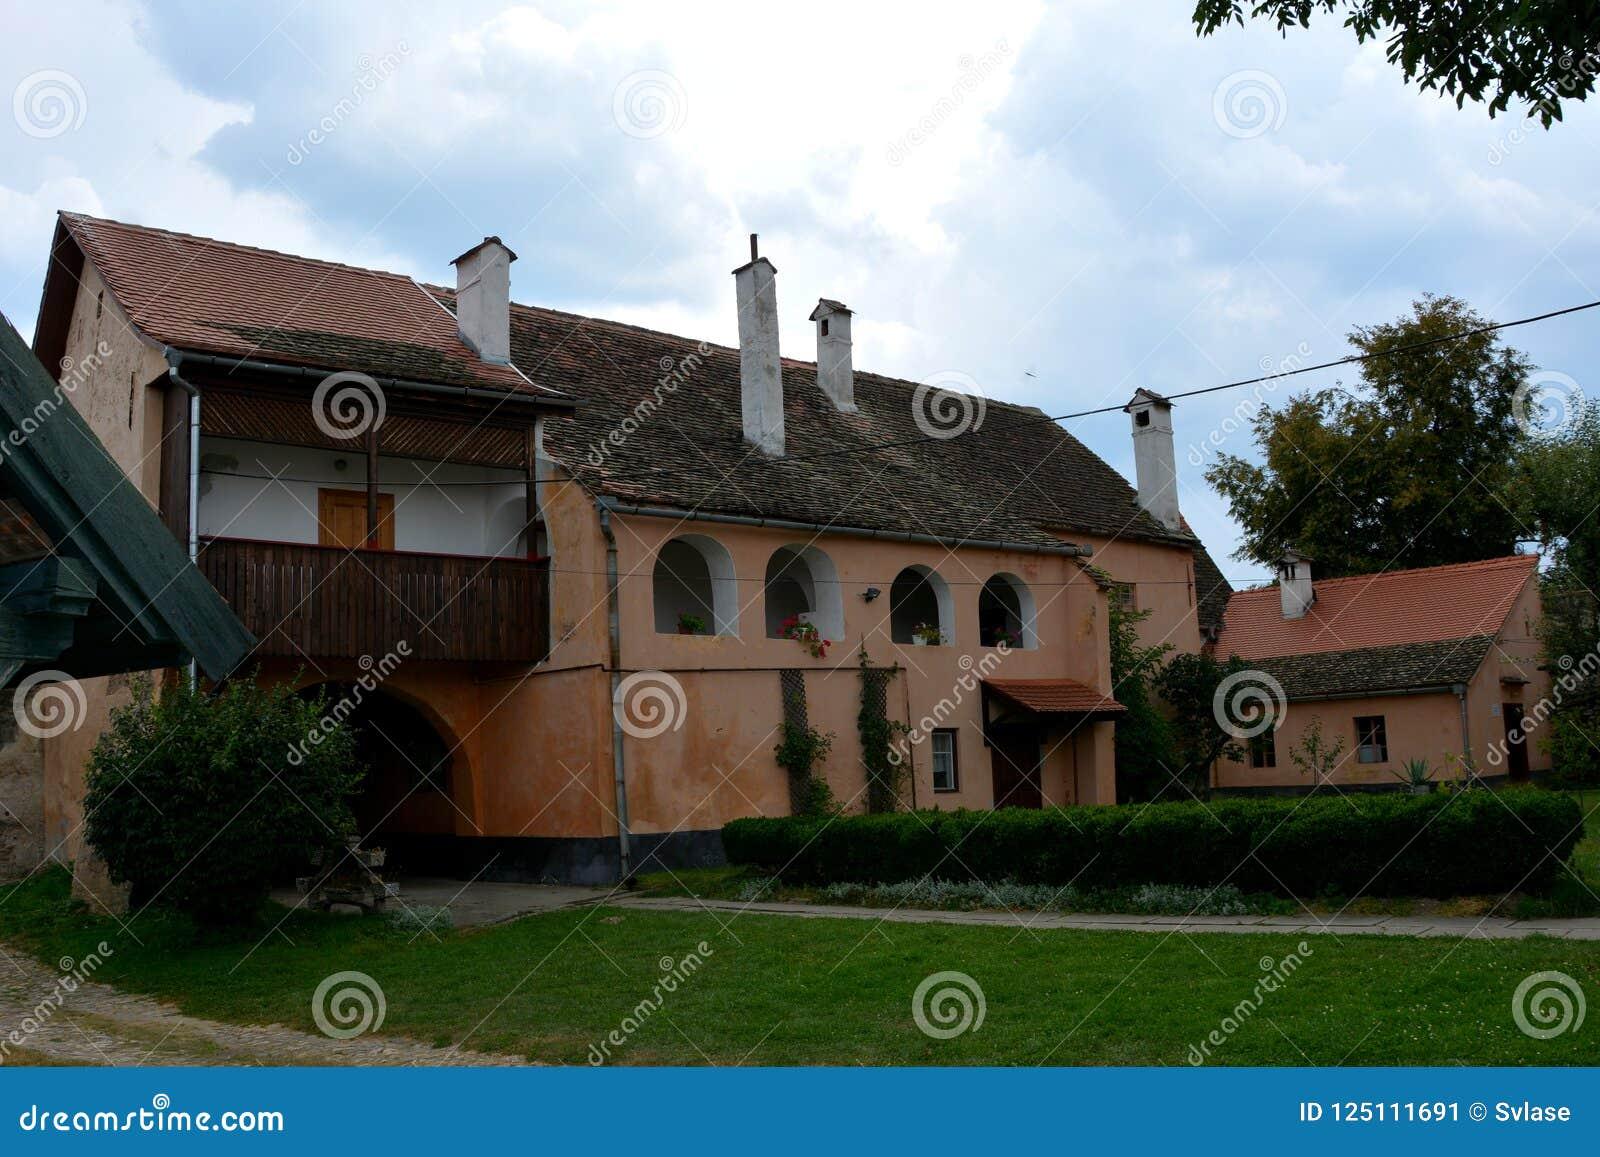 Binnen de binnenplaats van de middeleeuwse versterkte kerk Cristian, Transsylvanië